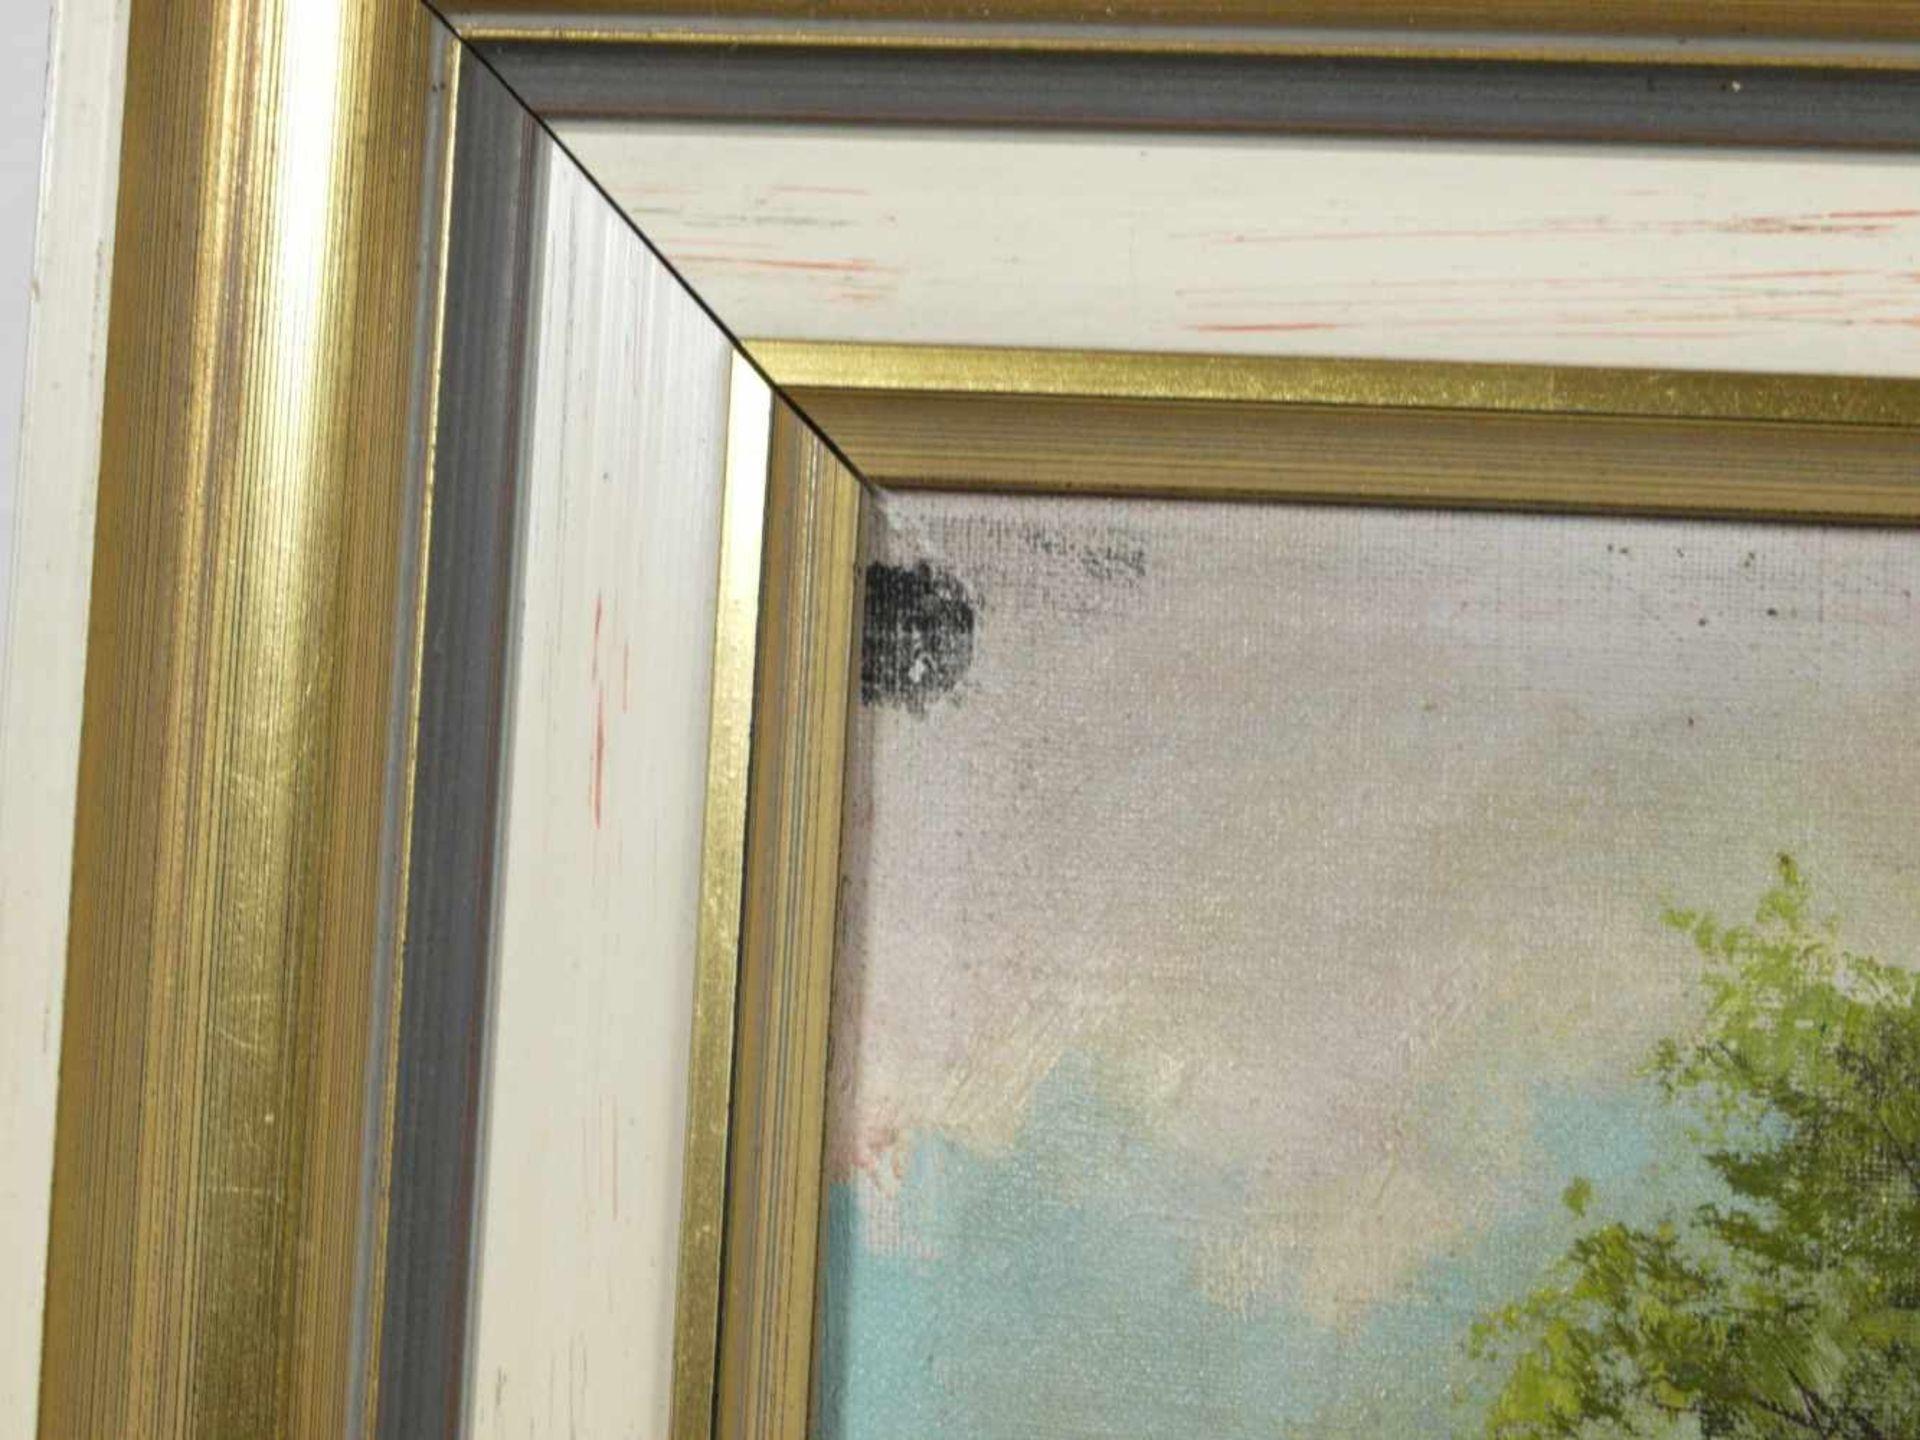 Schmiedgen, W. - Birkenallee im SpätsommerBlick in eine übers Land führende Birkenallee, zu ihren - Bild 5 aus 7